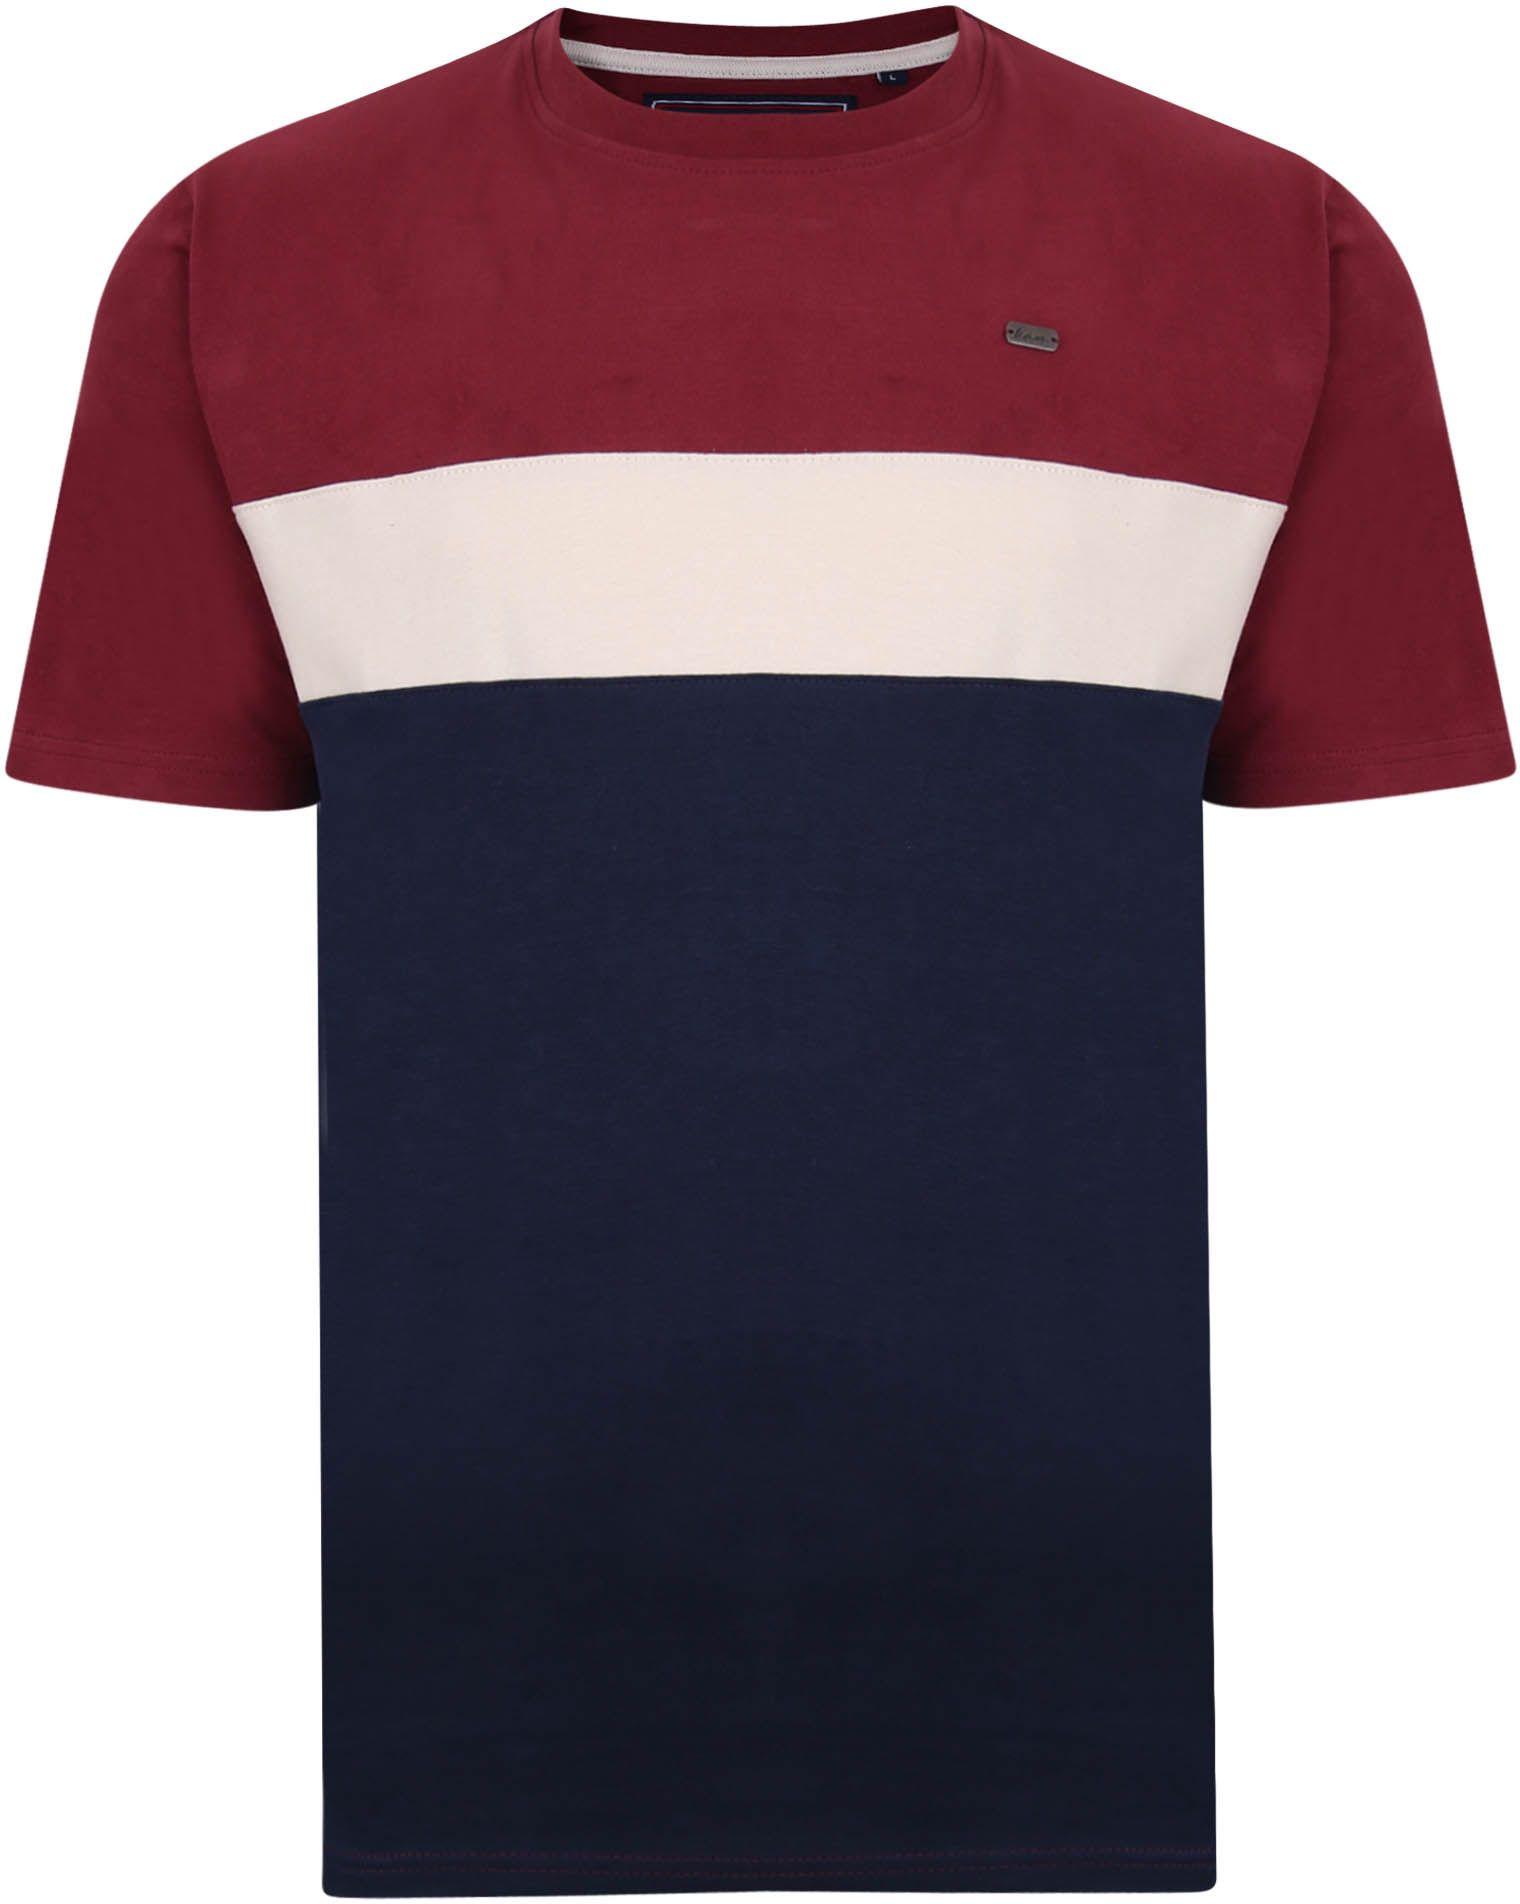 Tshirt Manches Courtes  Bordeaux Kam du 2XL au 8XL